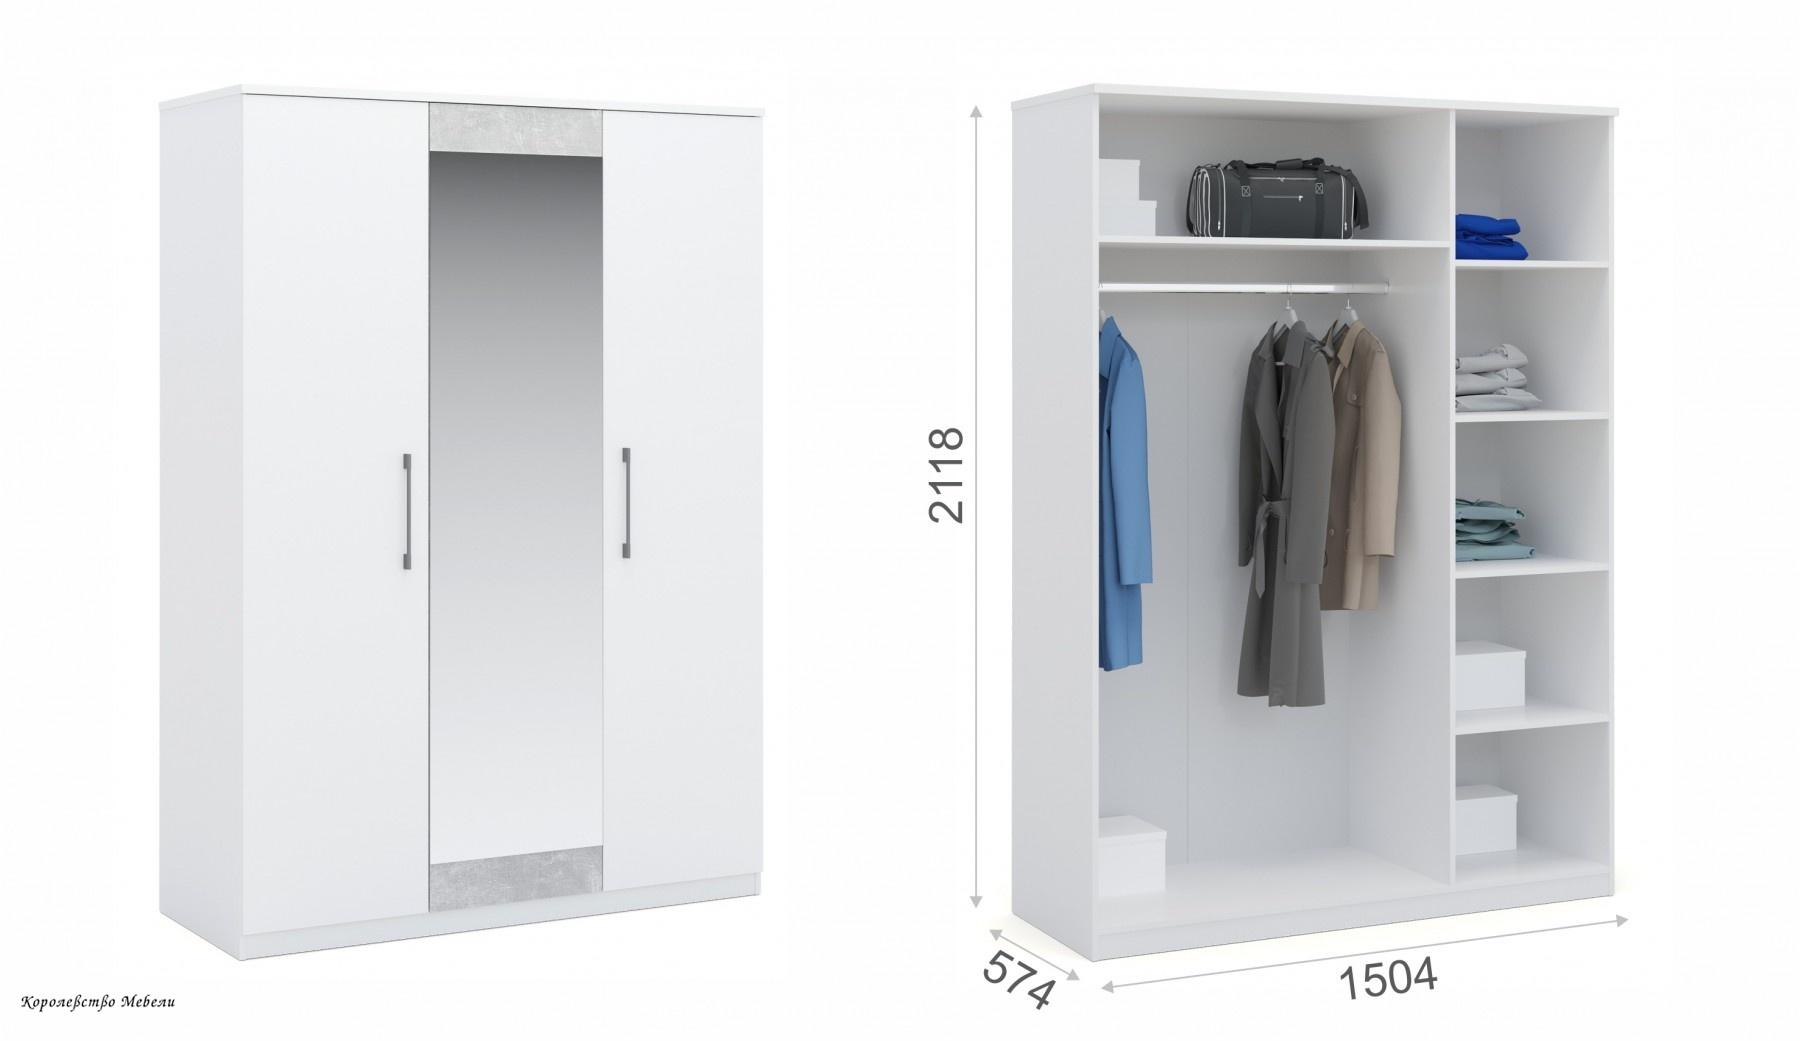 Шкаф Аврора 3 дв. (ателье светлый / белый)